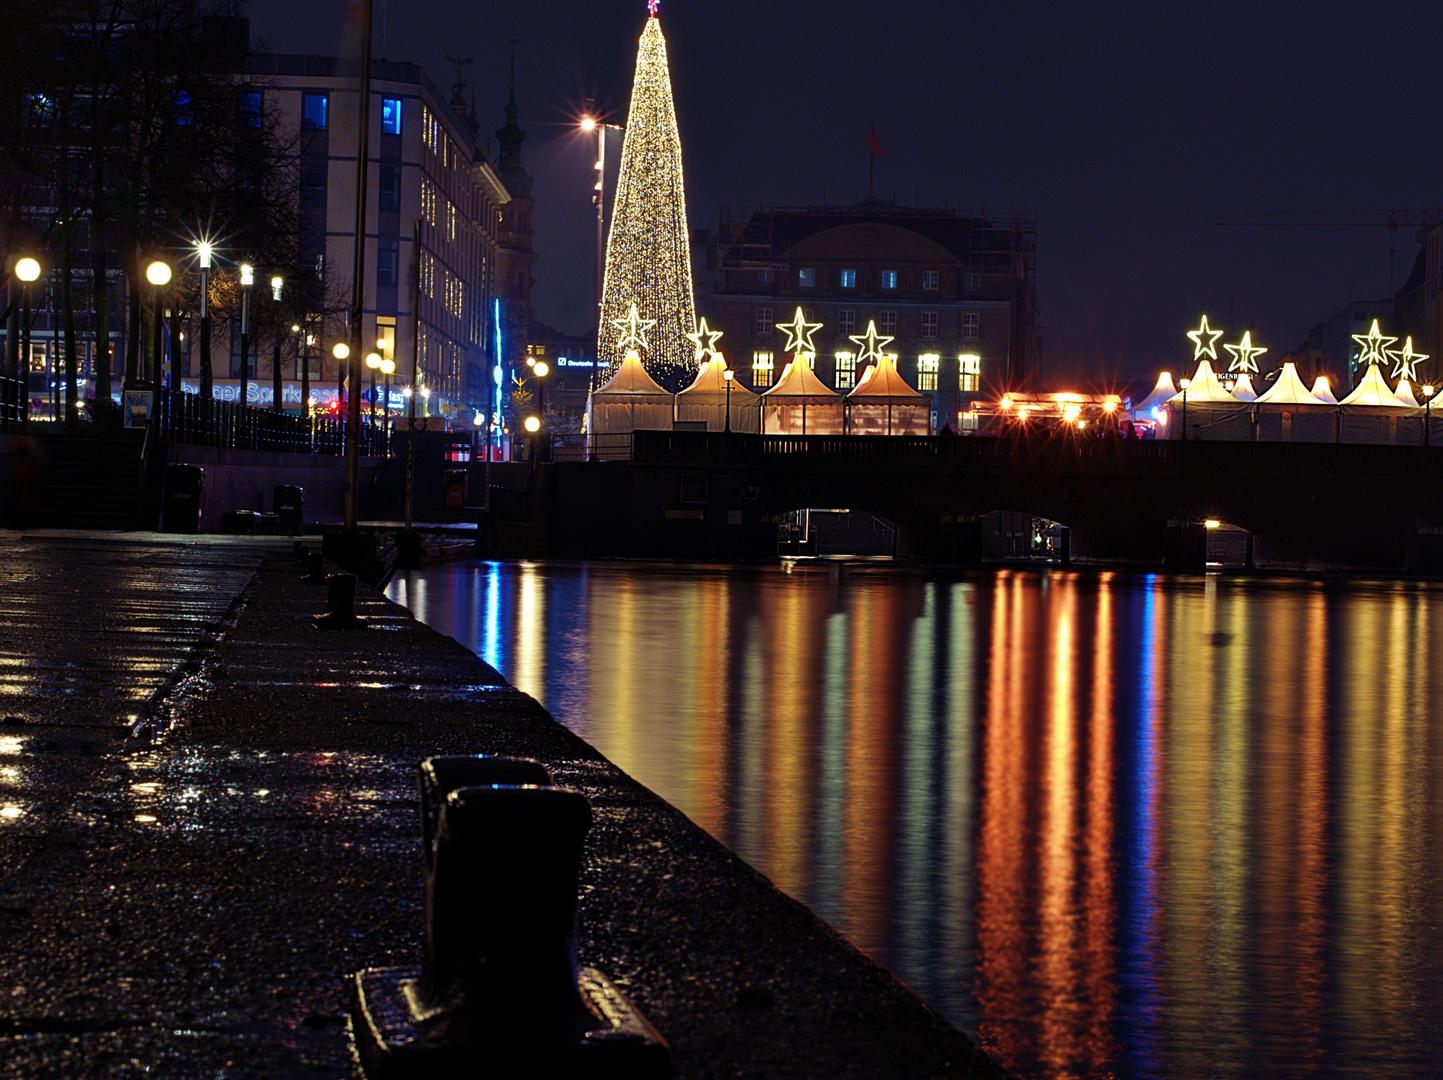 Jungfernstieg Weihnachtsmarkt.Weihnachtsmarkt Am Jungfernstieg Foto Bild Deutschland